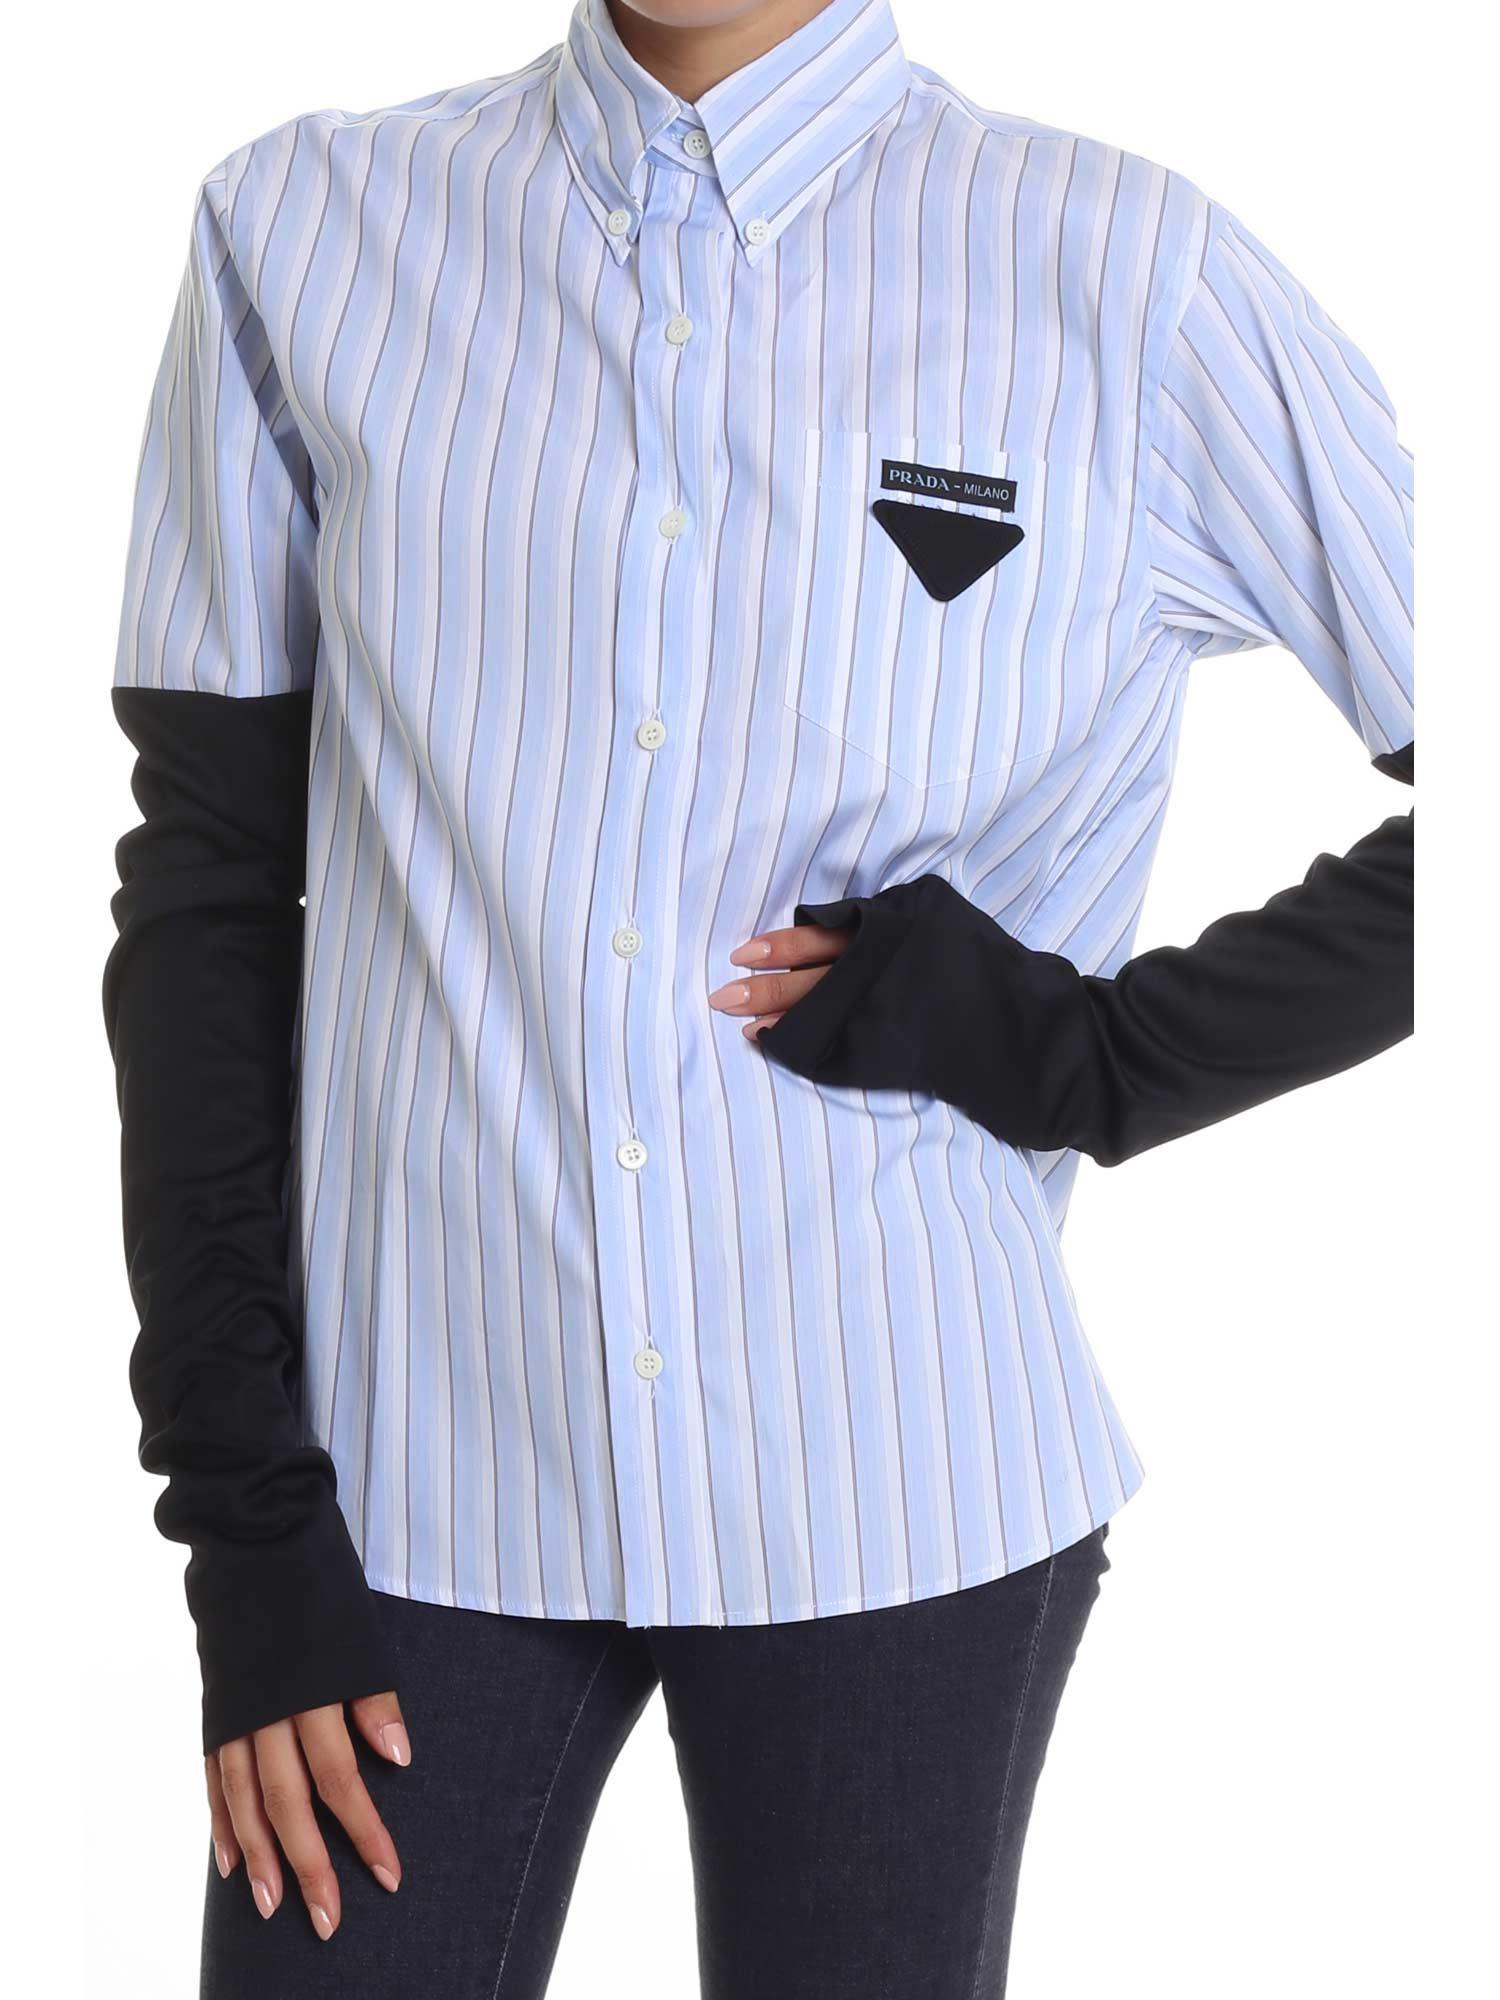 Prada A Camisa Rayas Contraste Gris CSxqPw